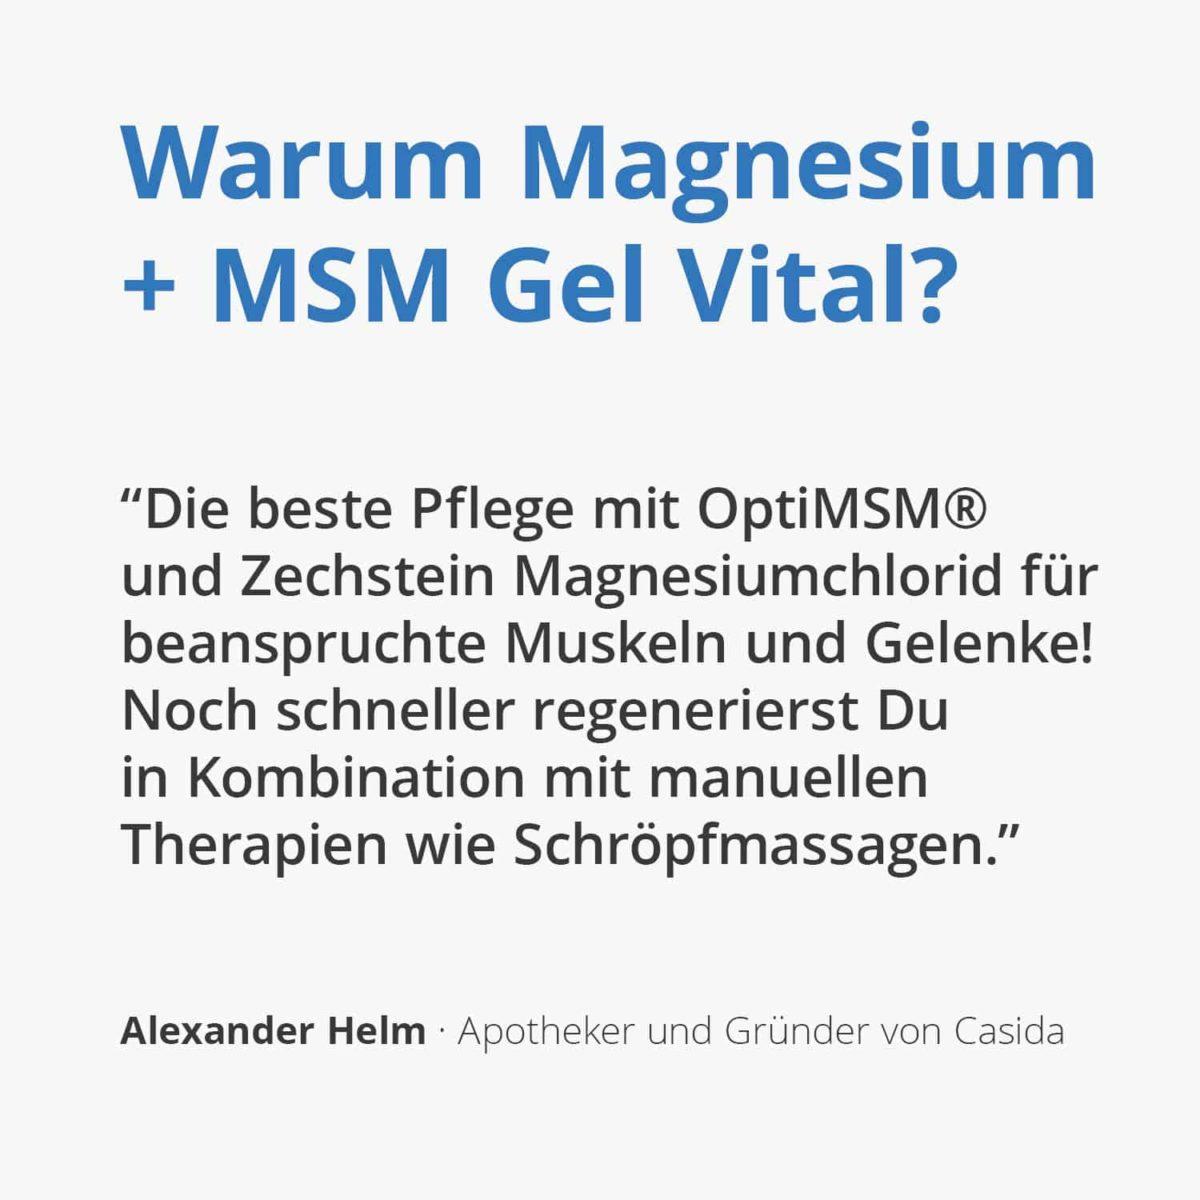 Casida Magnesium + MSM Gel Vital 200 ml 14371869 PZN Apotheke OptiMSM Zechstein Schröpfen manuelle therapie Zechstein Massage Sport (1)2